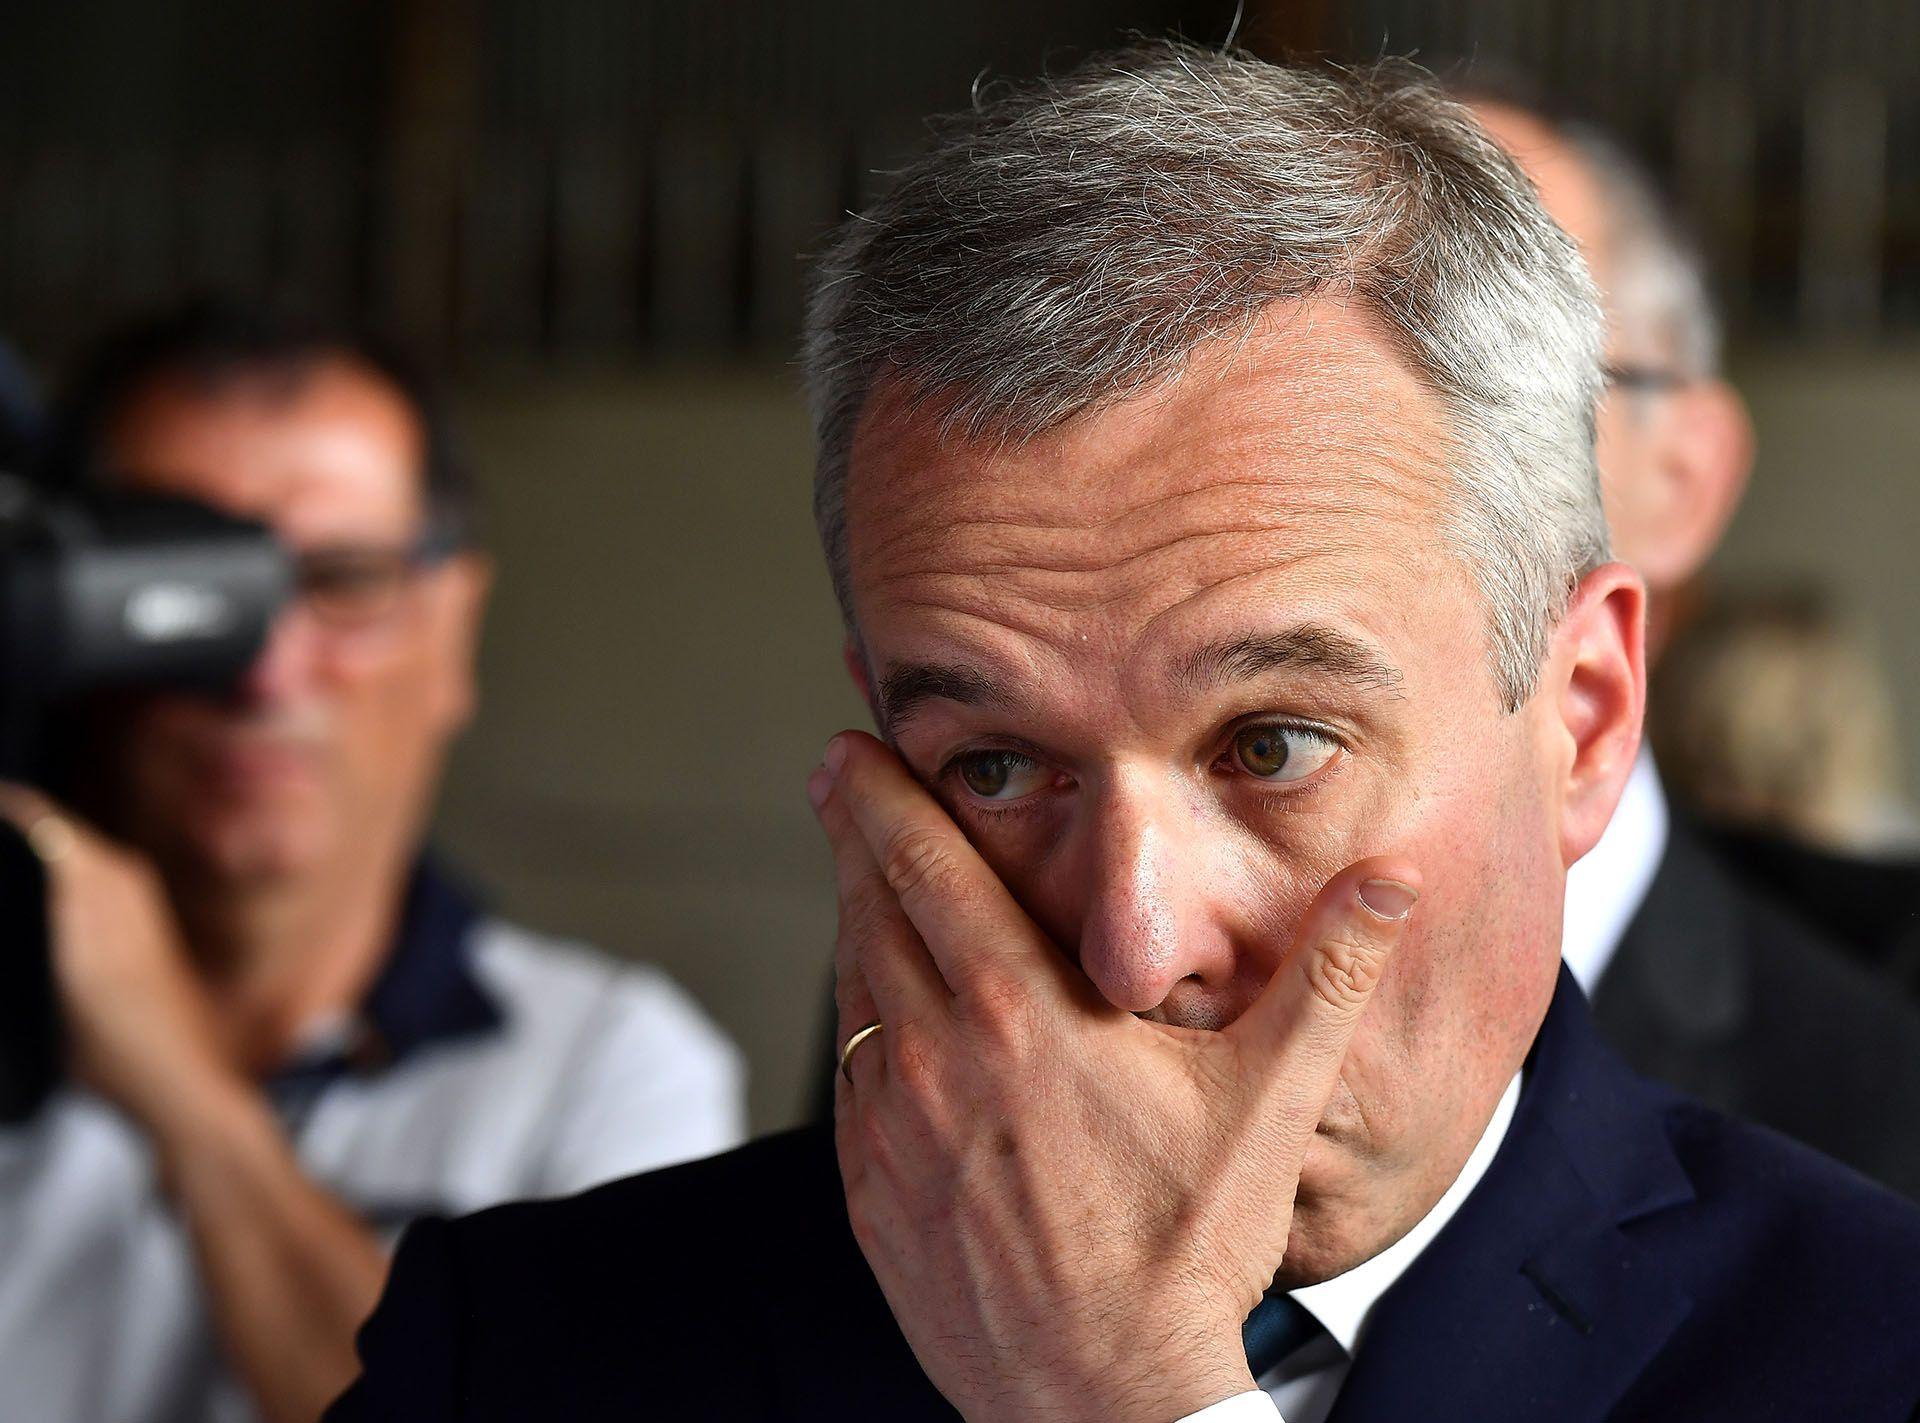 Francois de Rugy renunció al cargo de ministro francés de Medio Ambiente tras un escándalo de cenas de lujo(Foto de GEORGES GOBET / AFP)